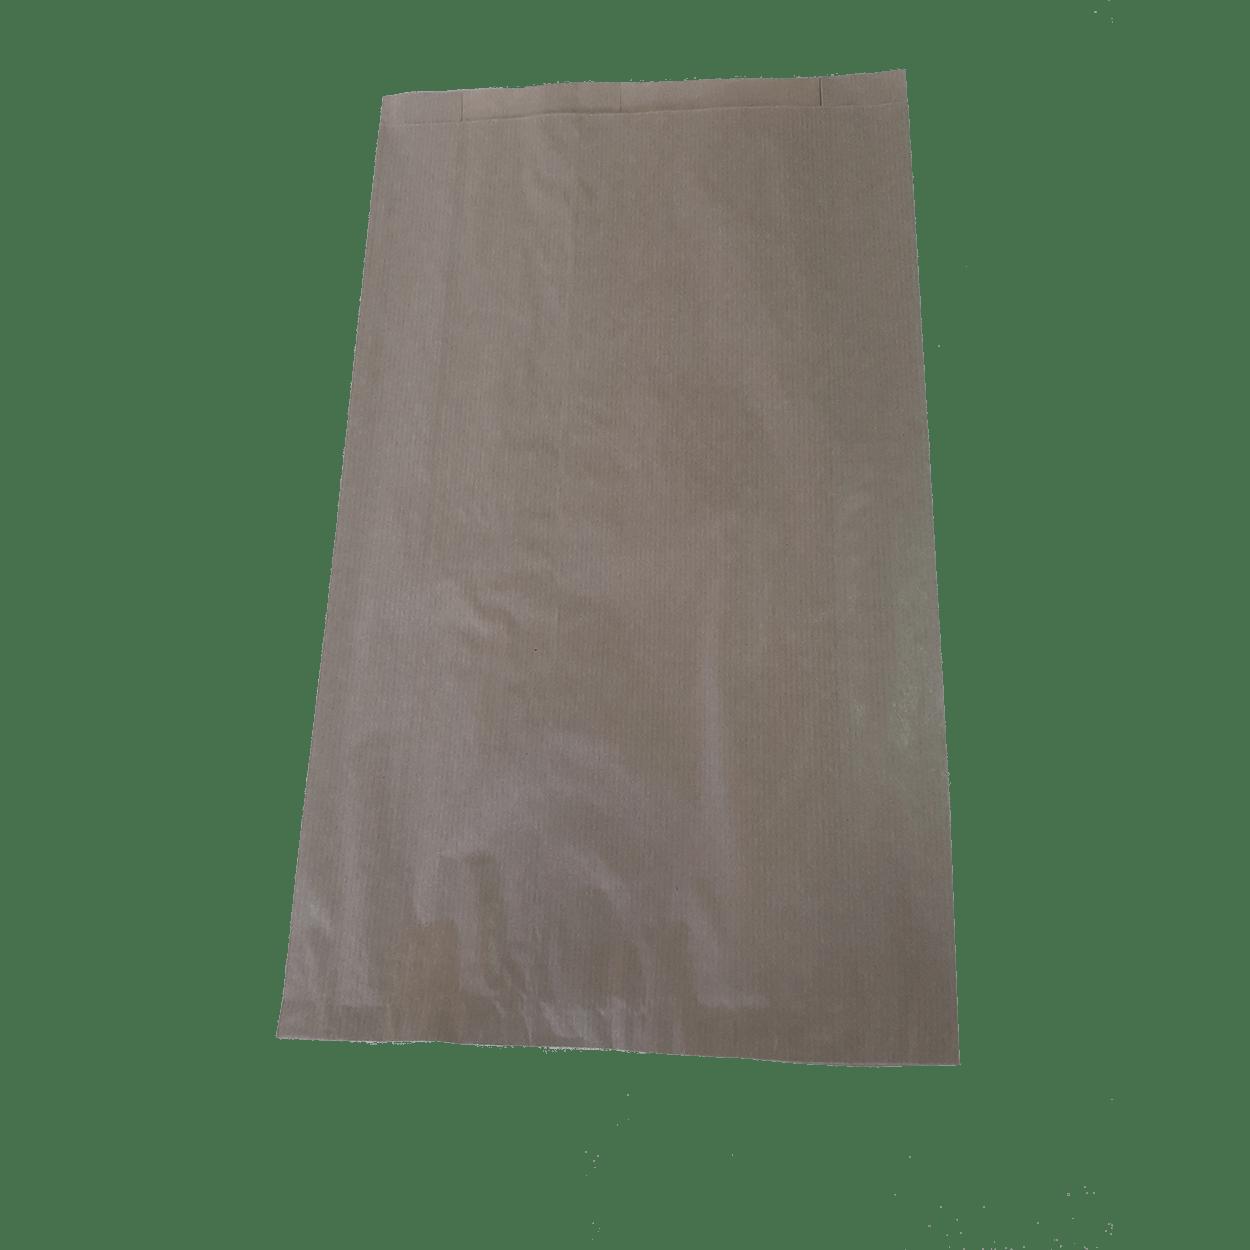 ΧΑΡΤΟΣΑΚΟΥΛΑ ΑΡΤΟΠΟΙΙΑΣ GREASEPROOF 25+8×44 Cm ΚΡΑΦΤ KAΦΕ